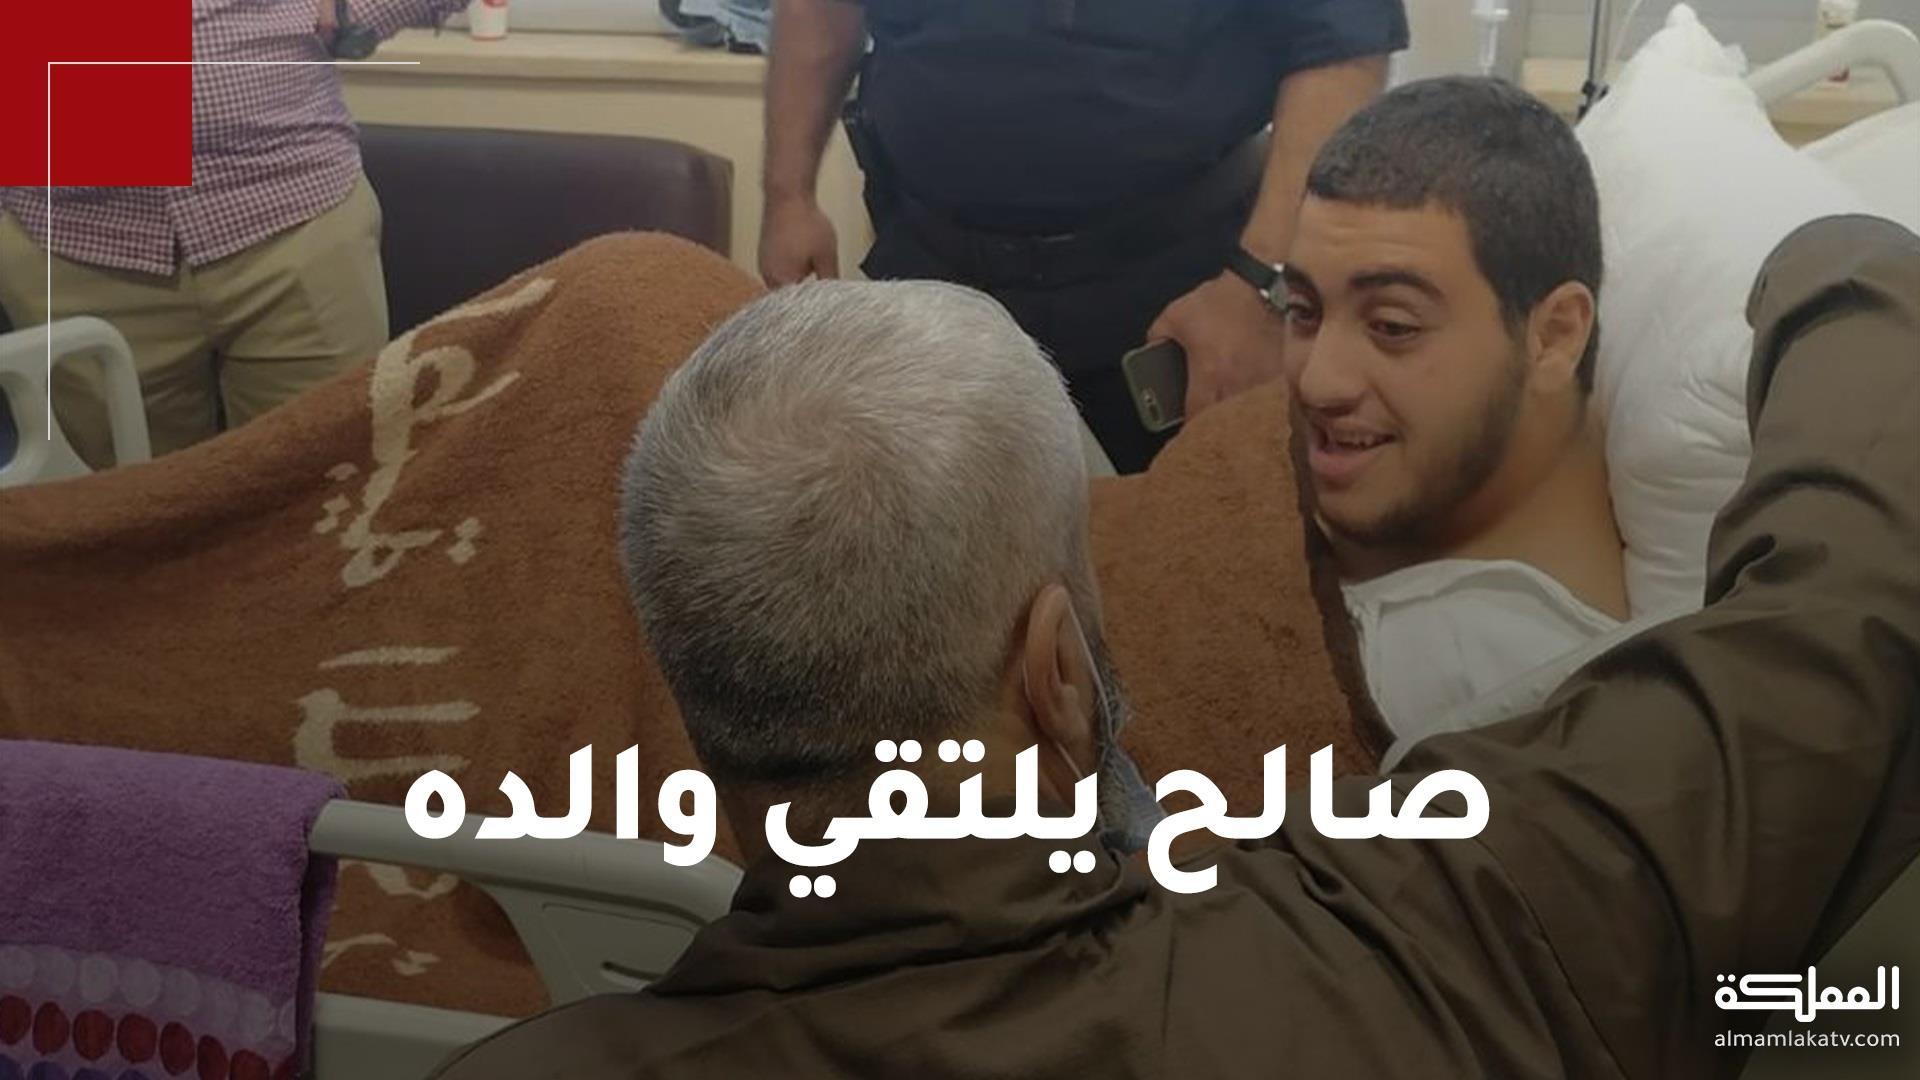 حديث بين الفتى صالح ووالده الذي سُمح له بالخروج من السجن لزيارة ابنه داخل المستشفى نظرا للظروف الصحي